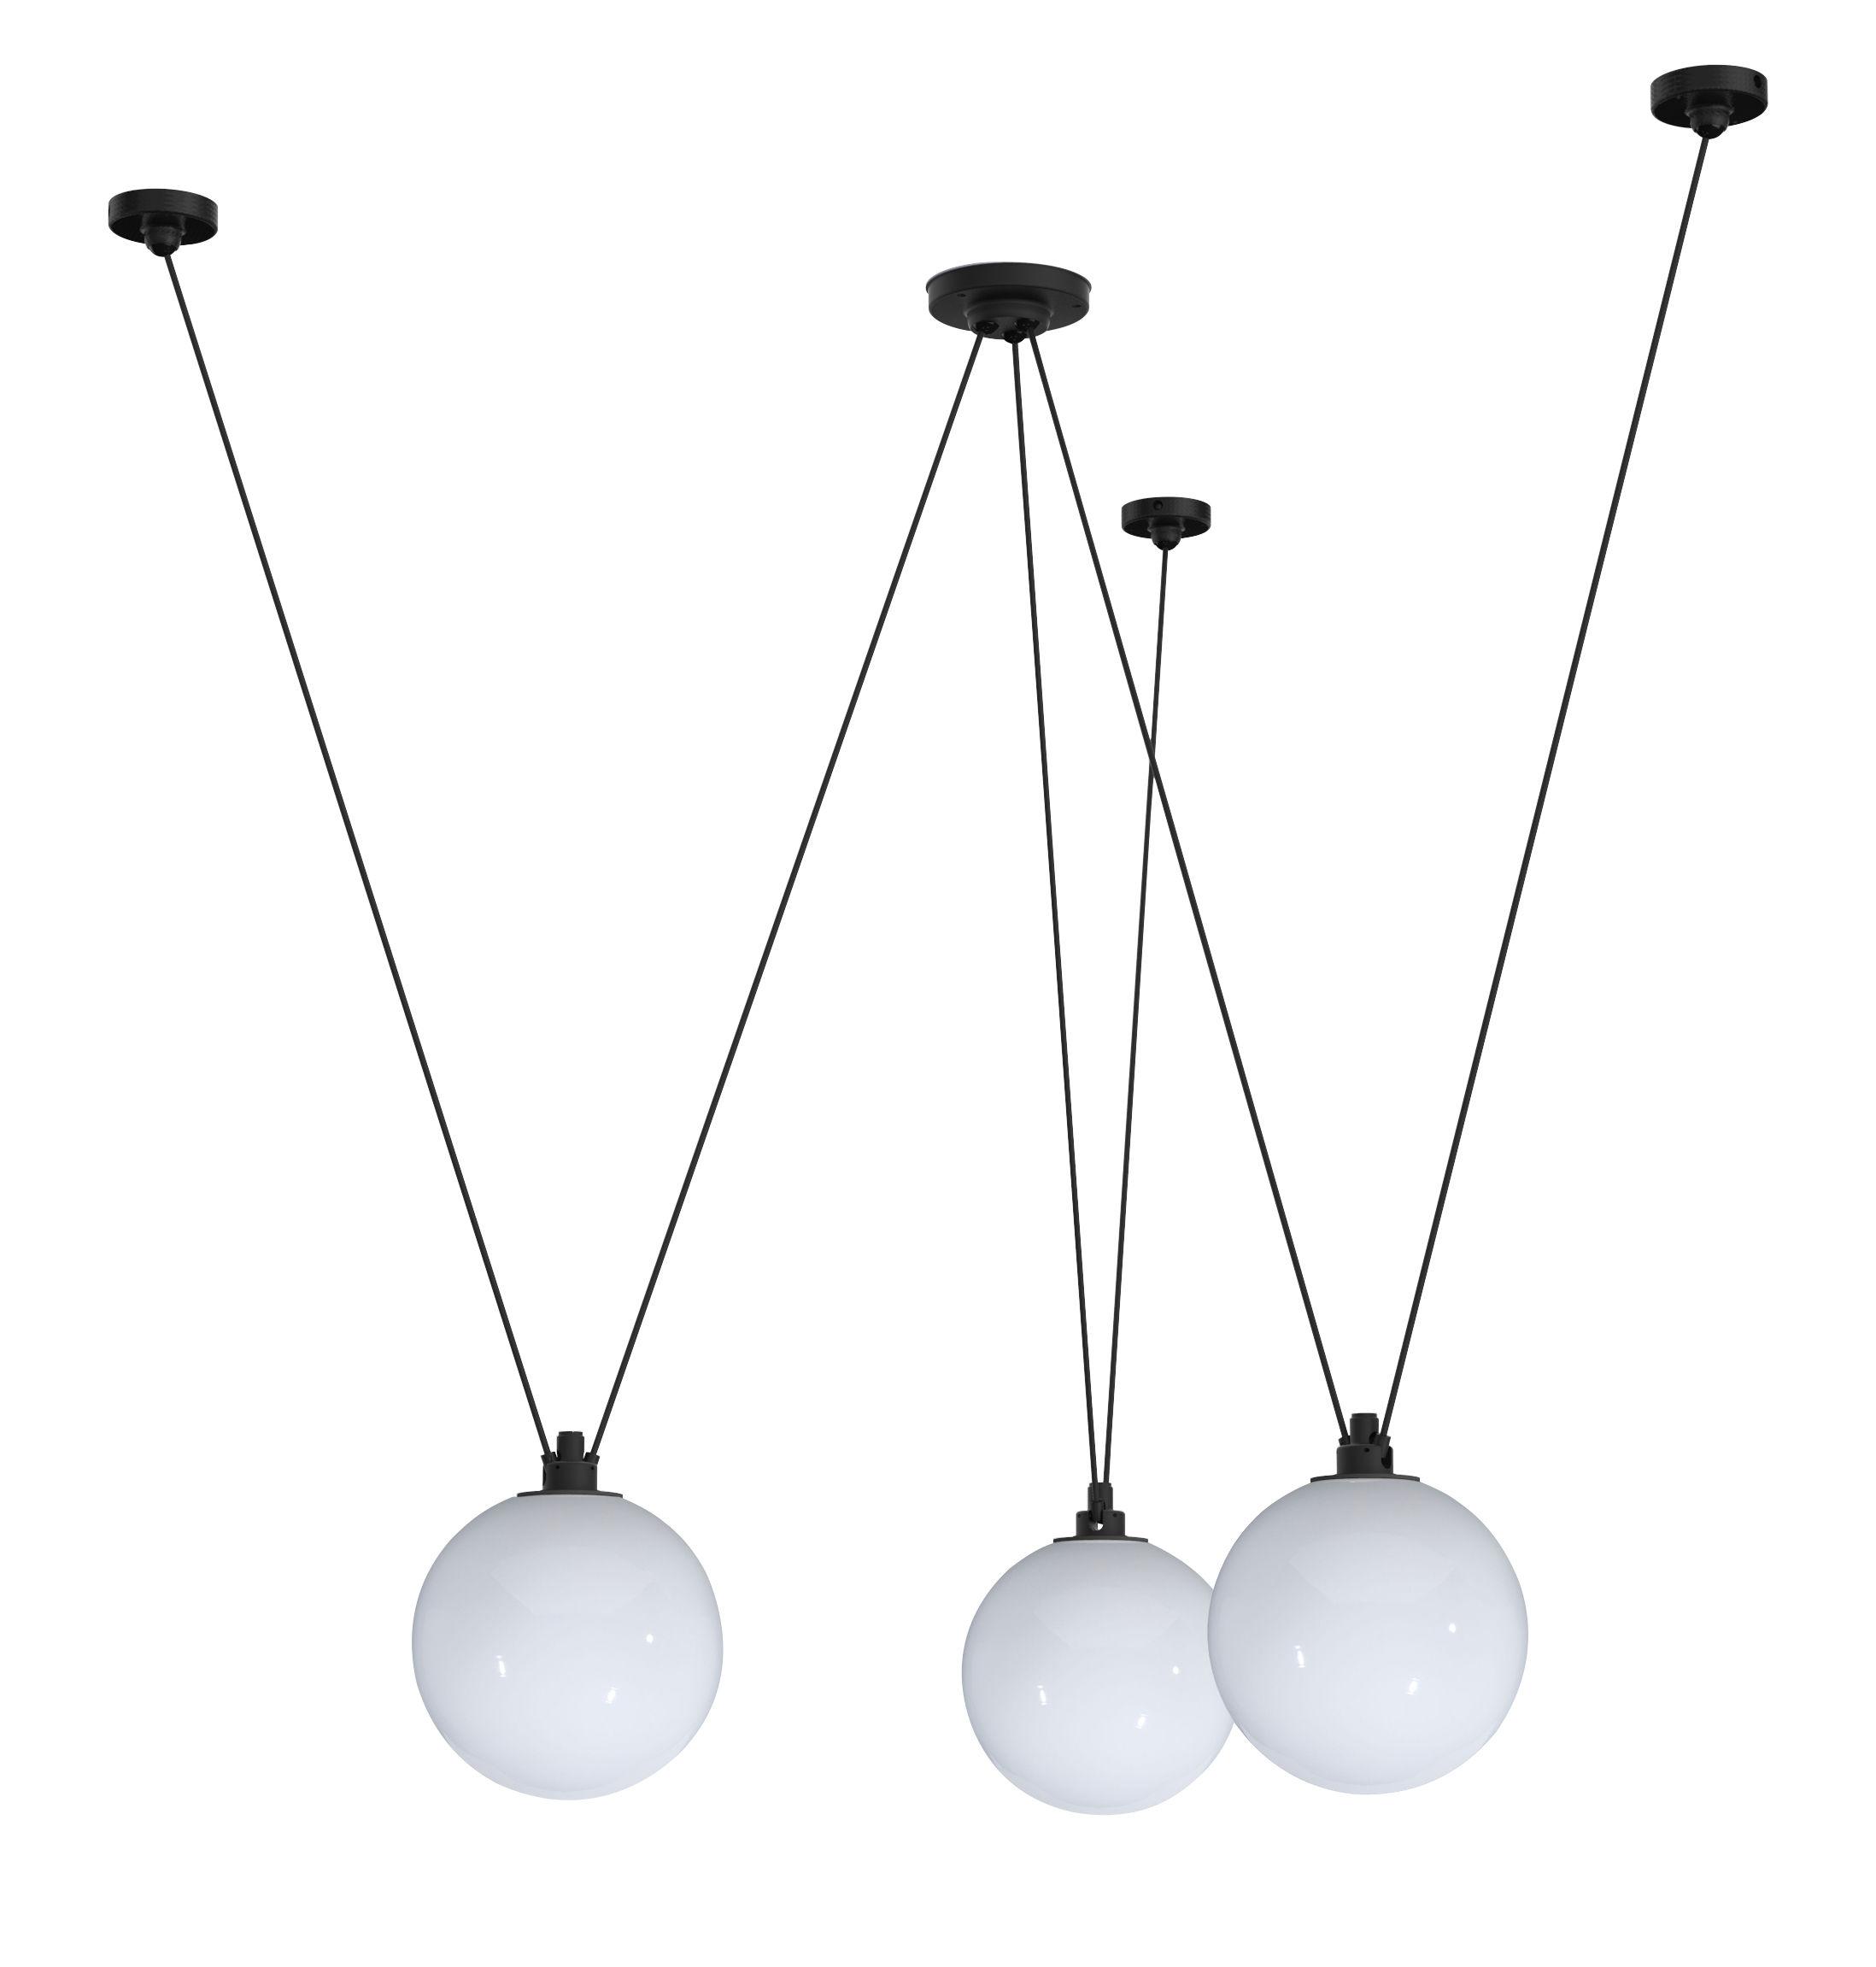 Luminaire - Suspensions - Suspension Acrobate N°325 / Lampe Gras - 3 abat-jours verre Ø 25 cm - DCW éditions - Blanc - Verre